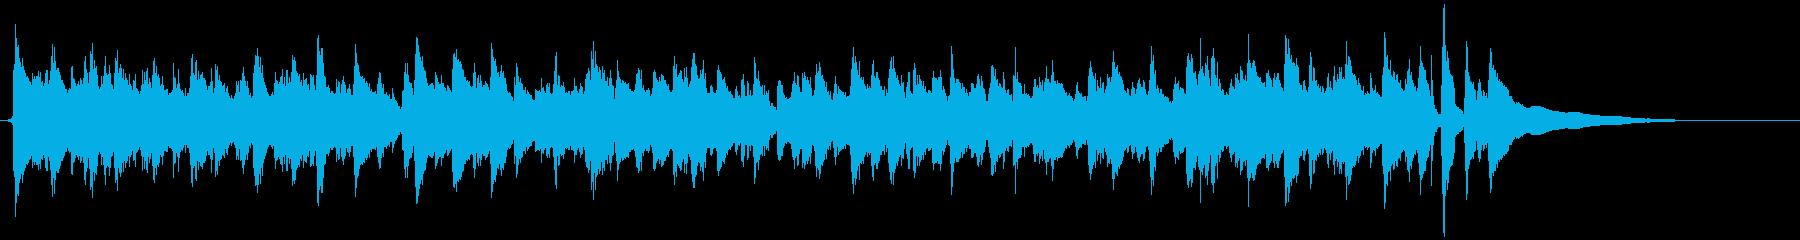 アコギ独奏 開放感のあるカッティングの再生済みの波形